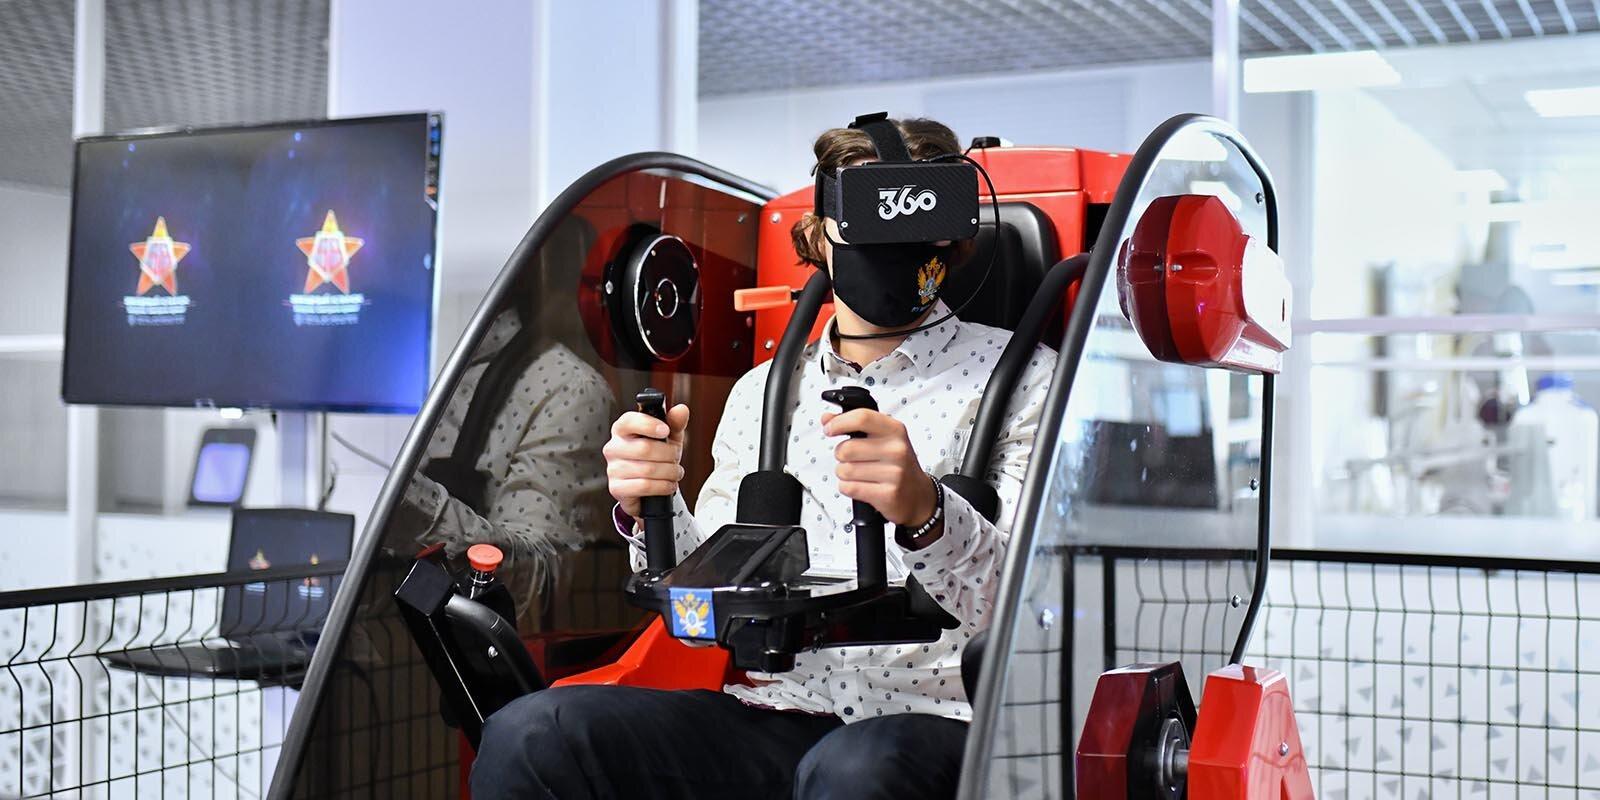 Московский детский технопарк впервые получил статус федеральной инновационной площадки (iva 0818)